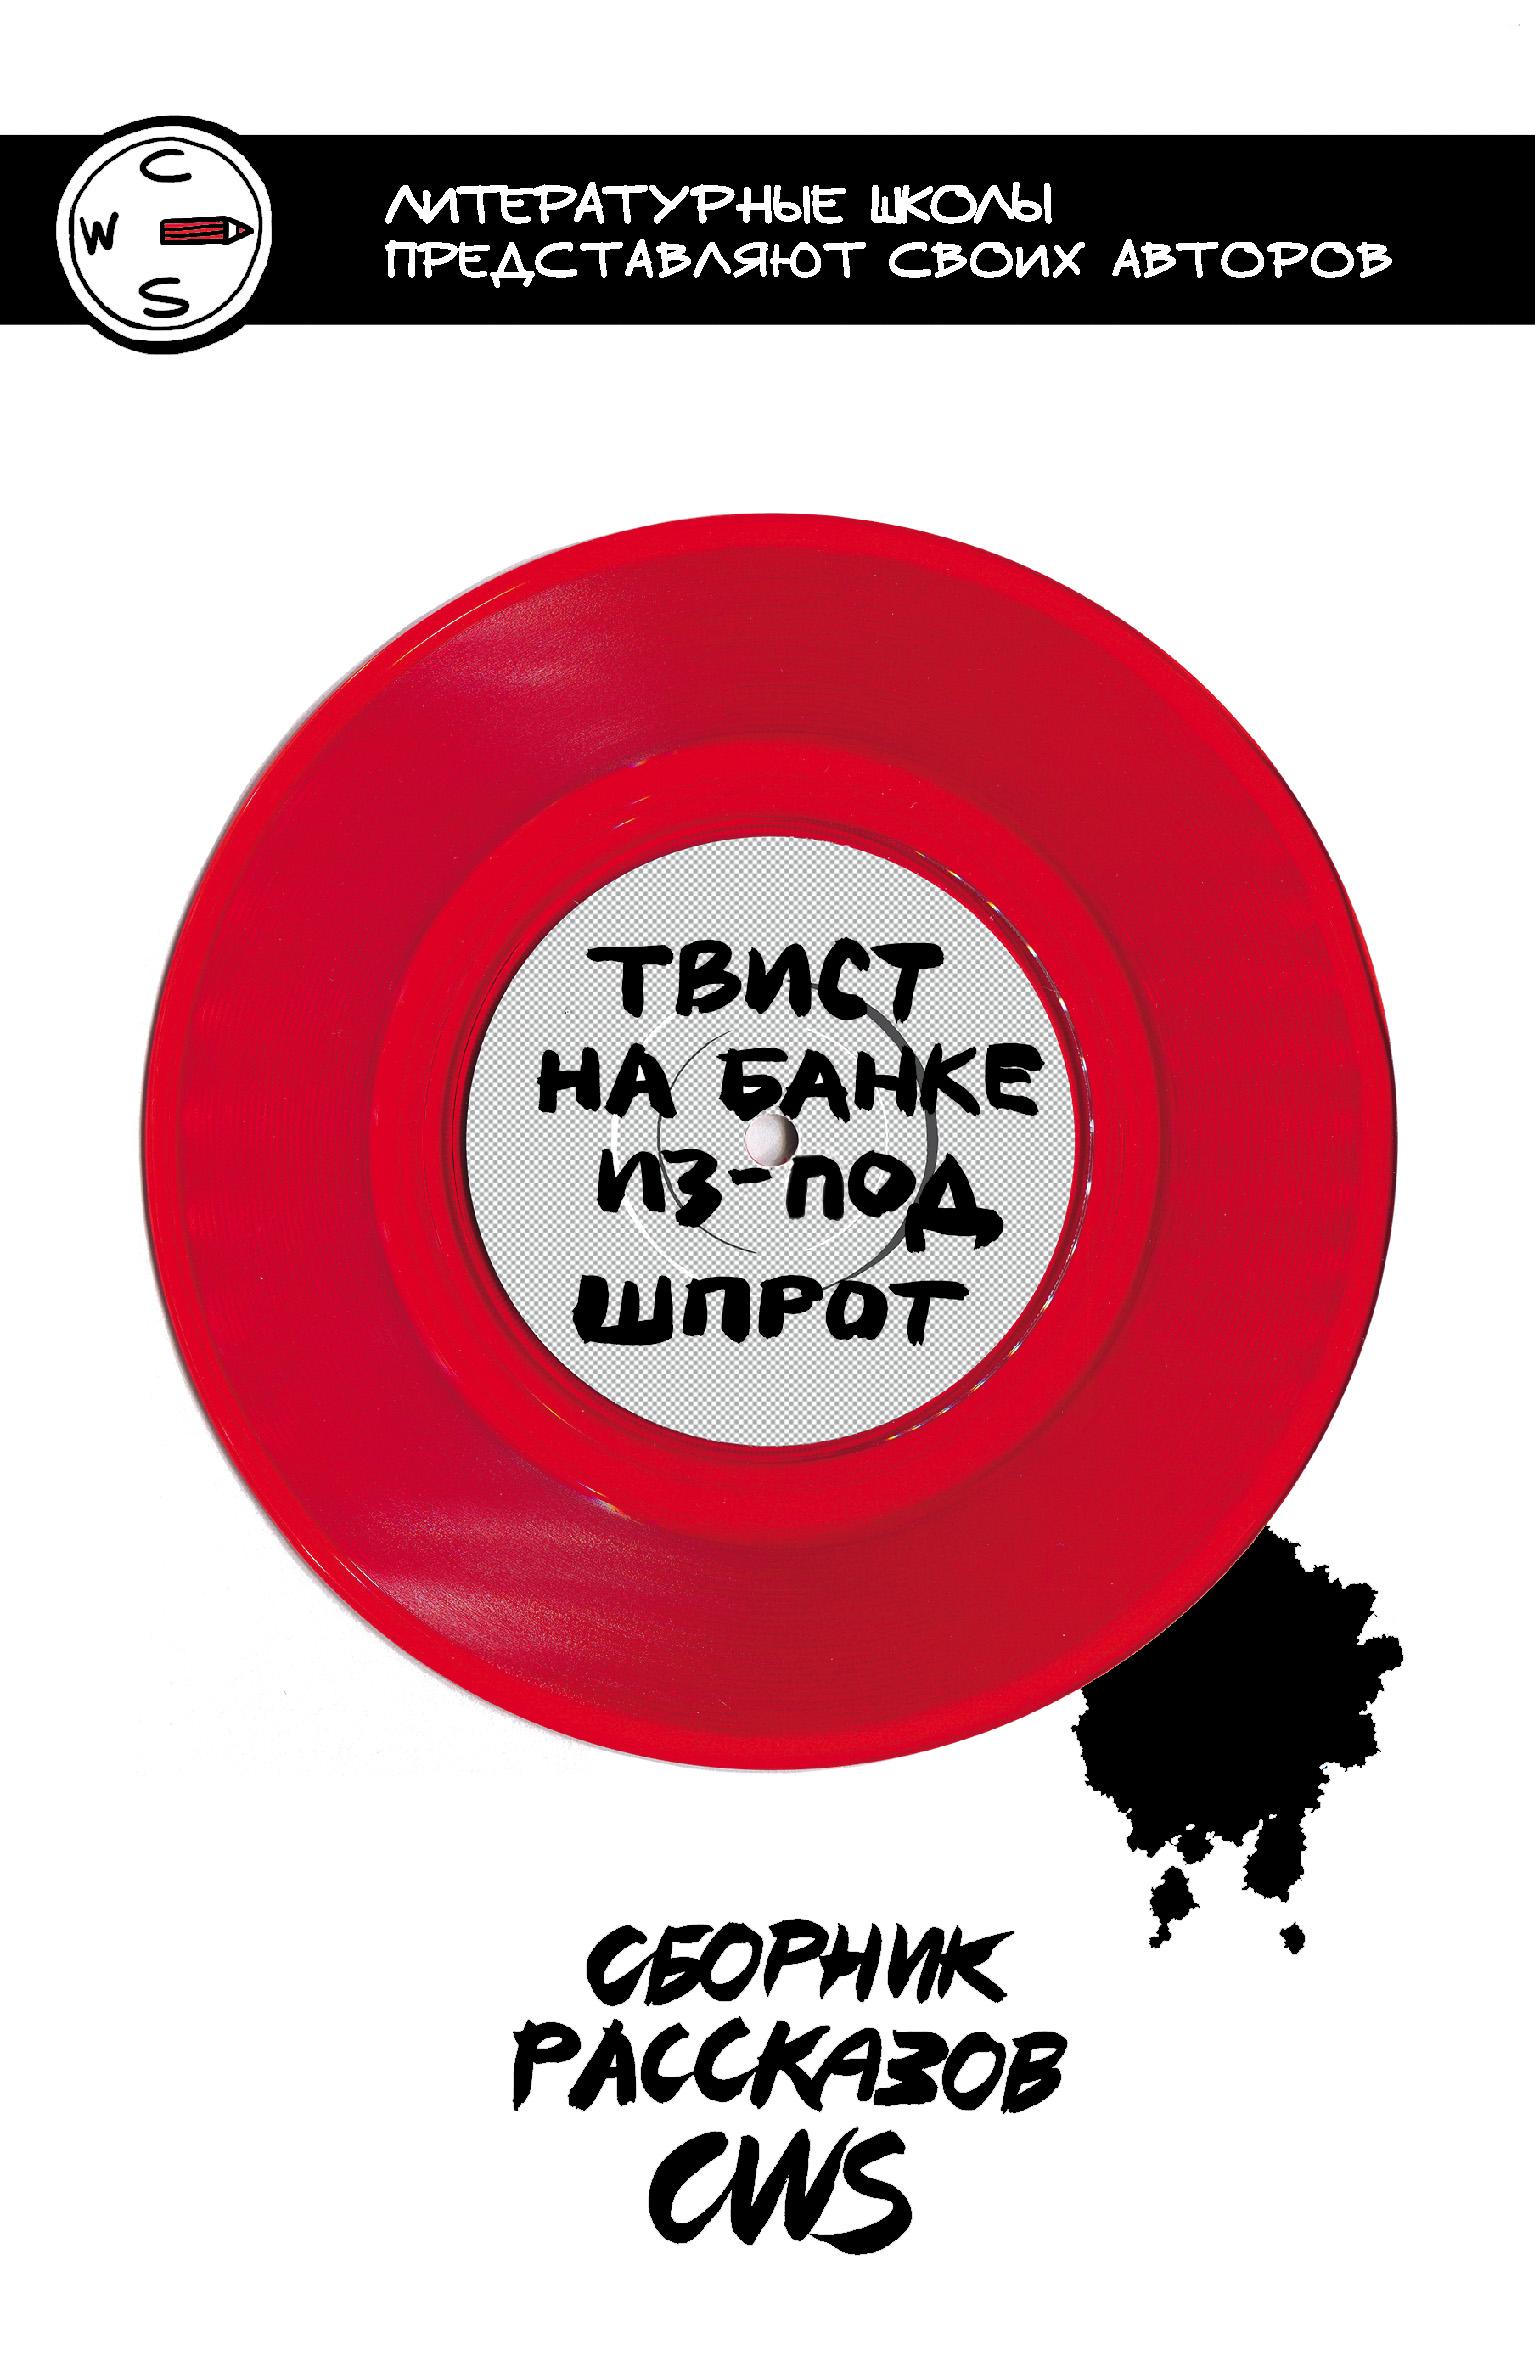 Андрей Евдокимов Твист на банке из-под шпрот. Сборник рассказов CWS стоимость